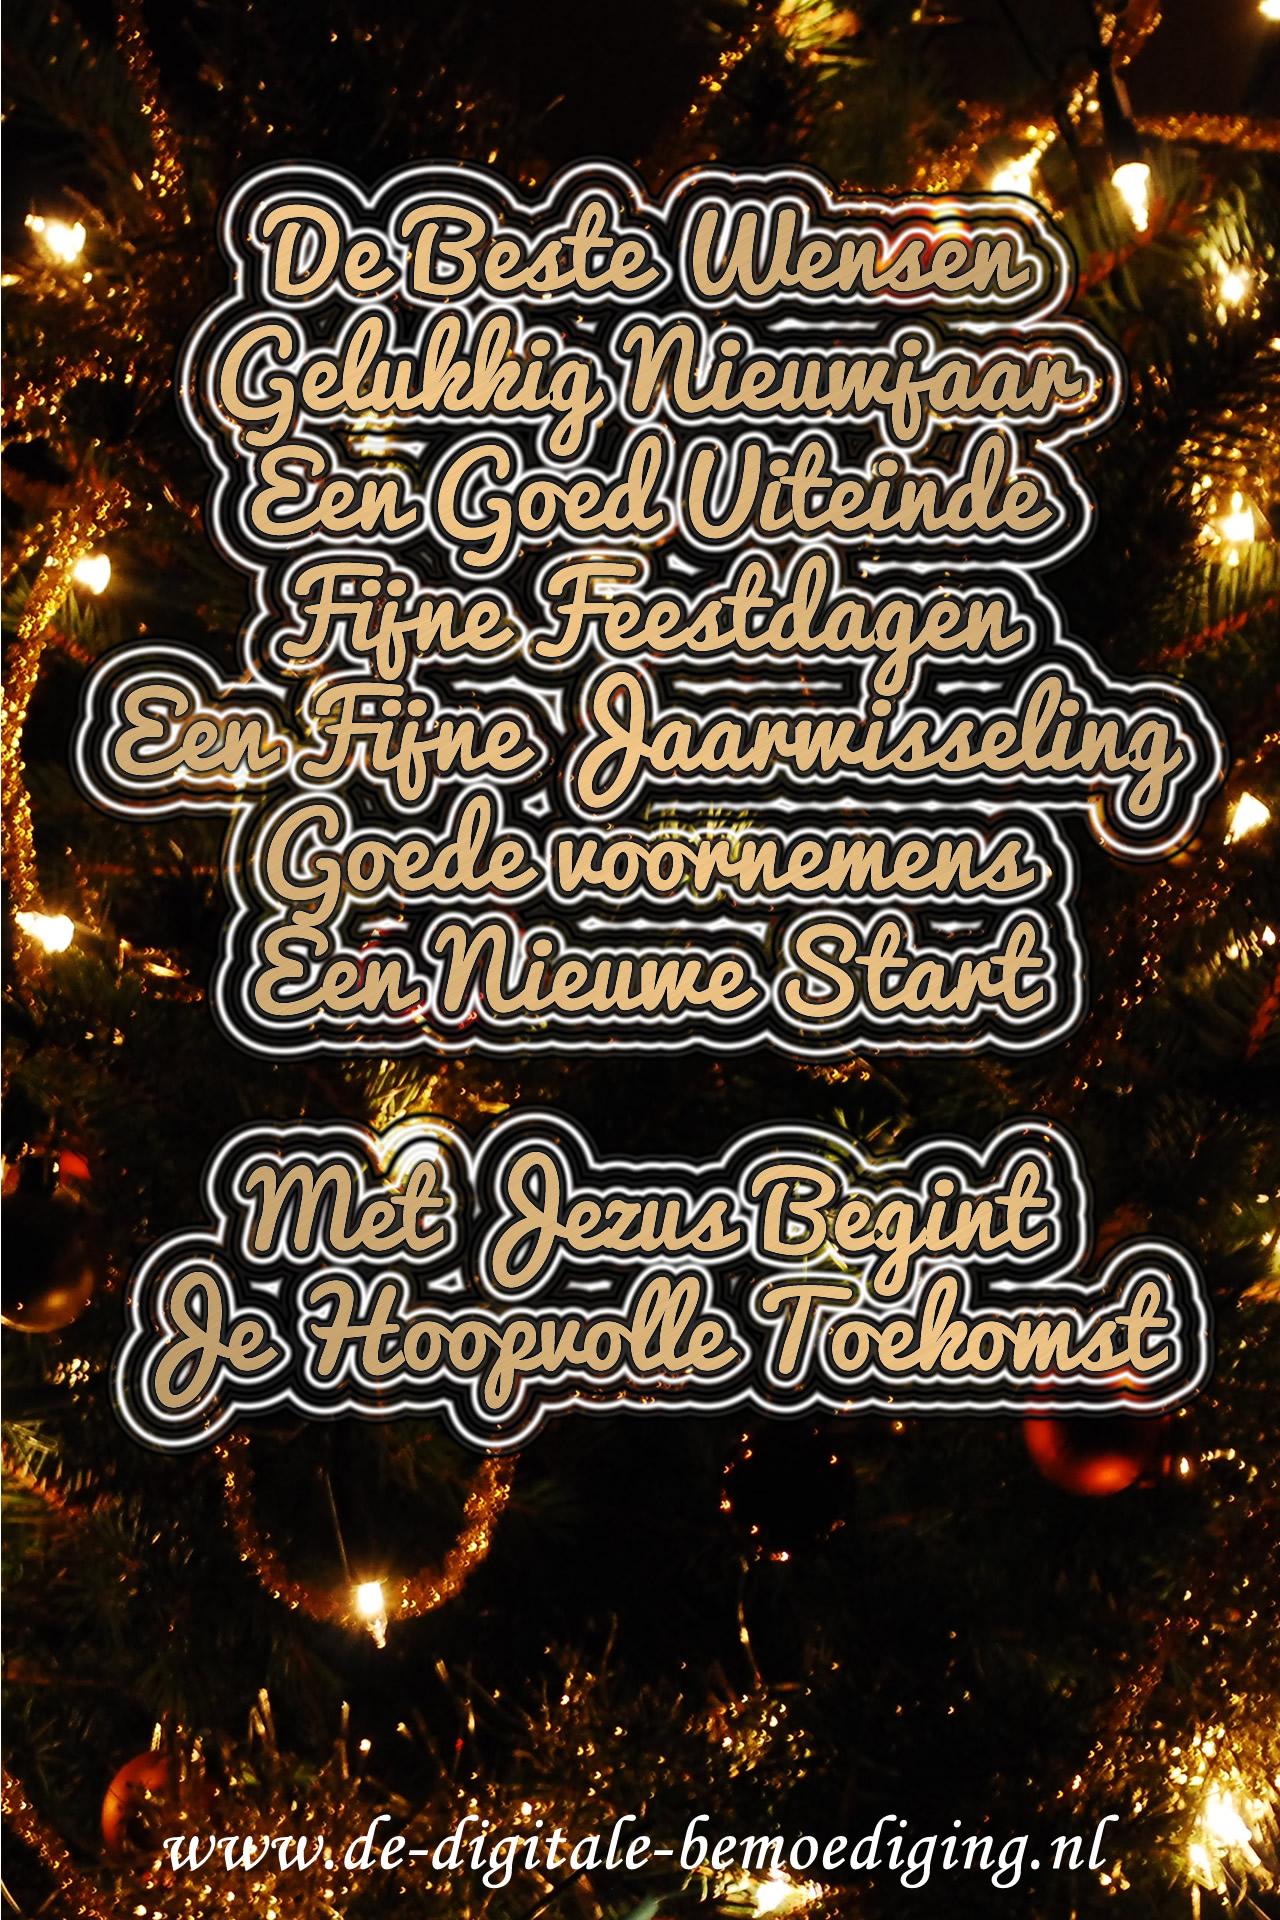 De Beste Wensen, Gelukkig Nieuwjaar, Een Goed Uiteinde, Fijne Feestdagen, Goede Voornemens, Een Nieuwe Start